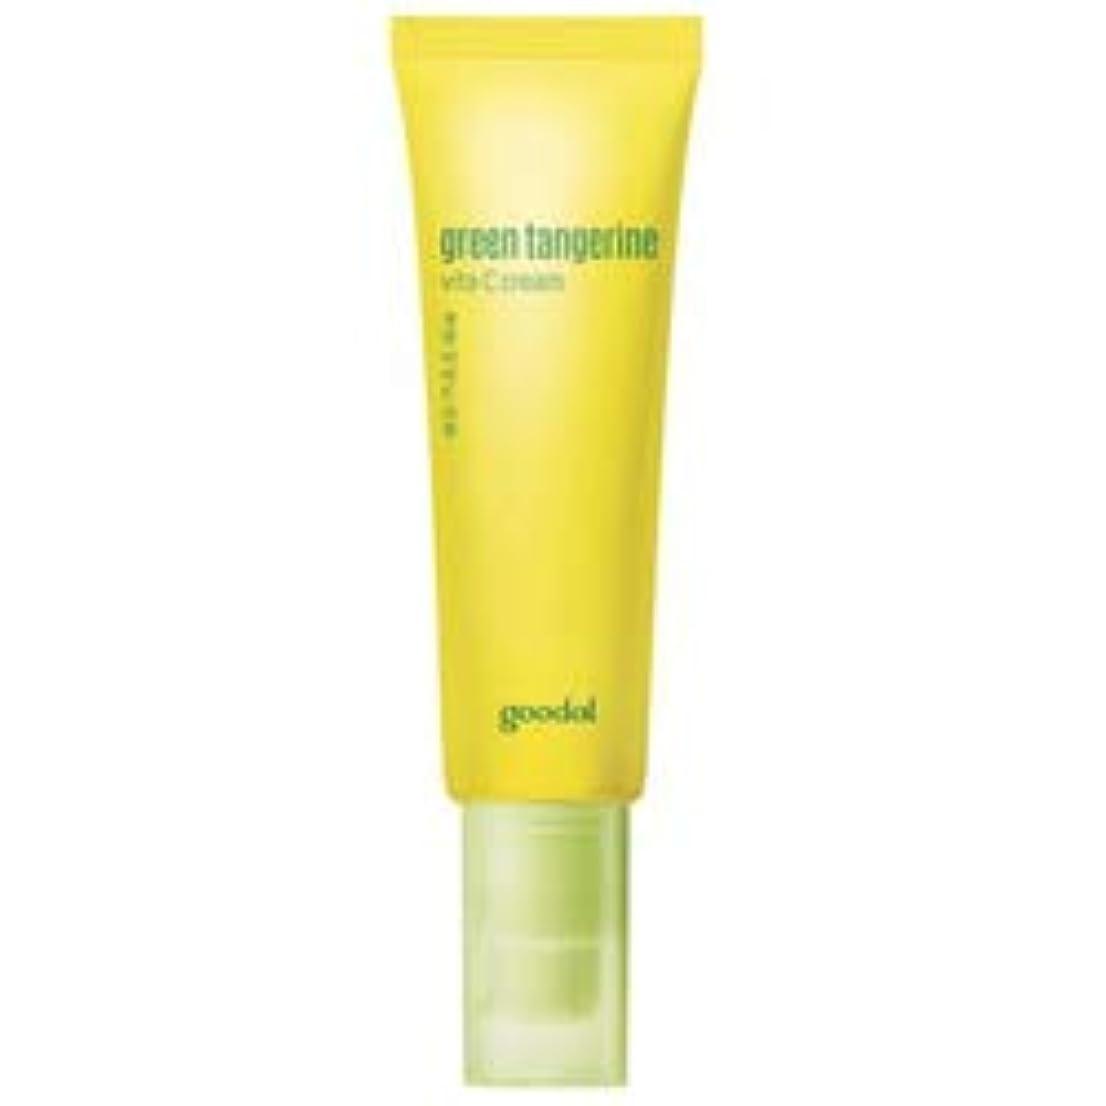 原告周術期ゲージ[goodal] Green Tangerine Vita C cream 50ml / [グーダル]タンジェリン ビタC クリーム 50ml [並行輸入品]